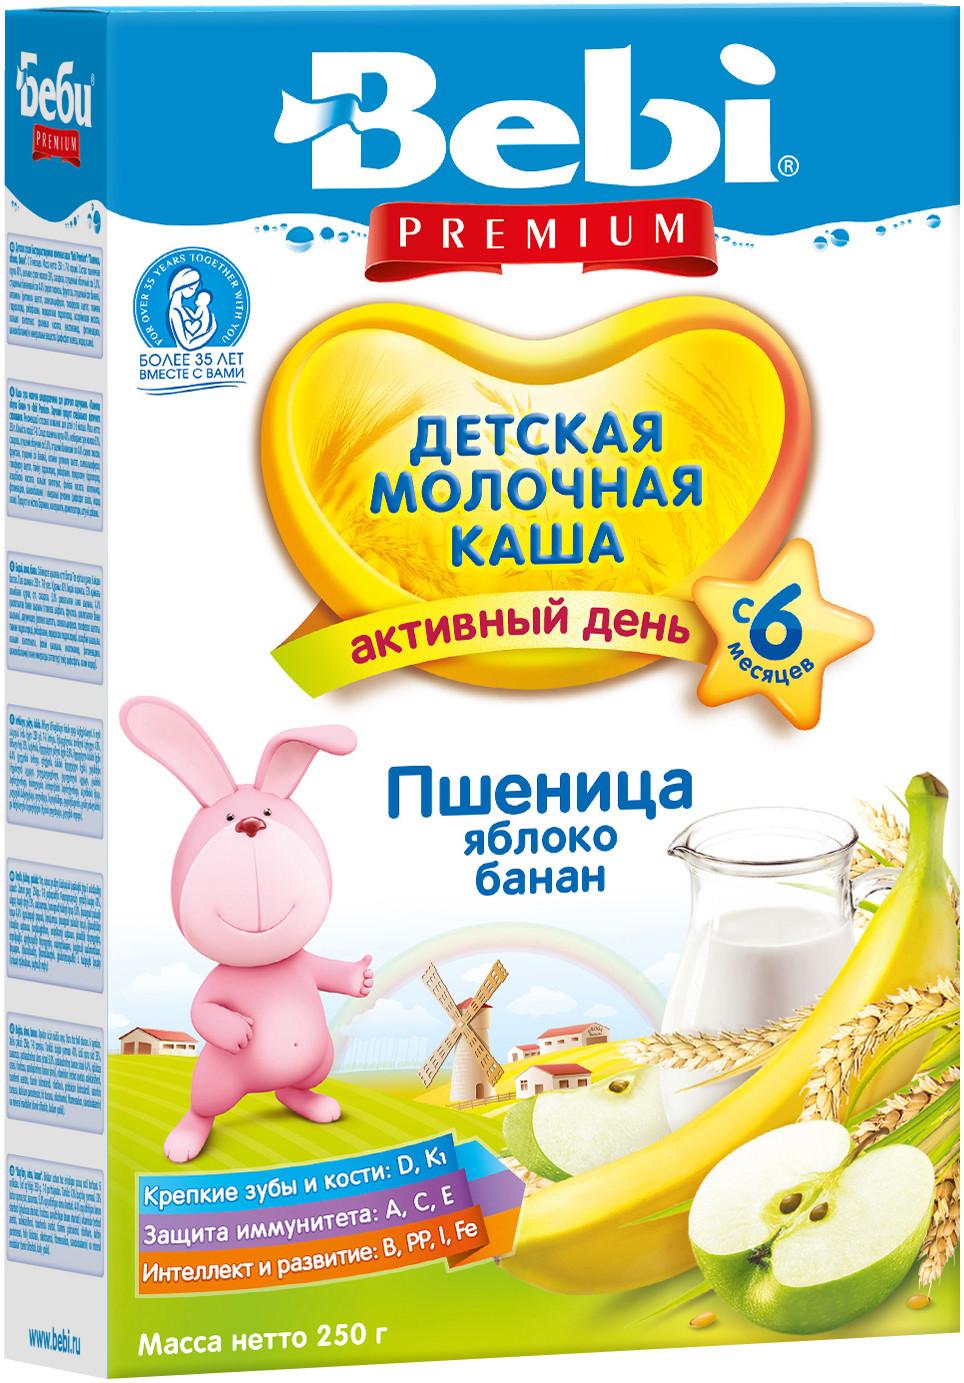 Купить Каша, Bebi Молочная пшеничная с яблоком и бананом (с 6 месяцев) 250 г, 1шт., Bebi 02107, Словения